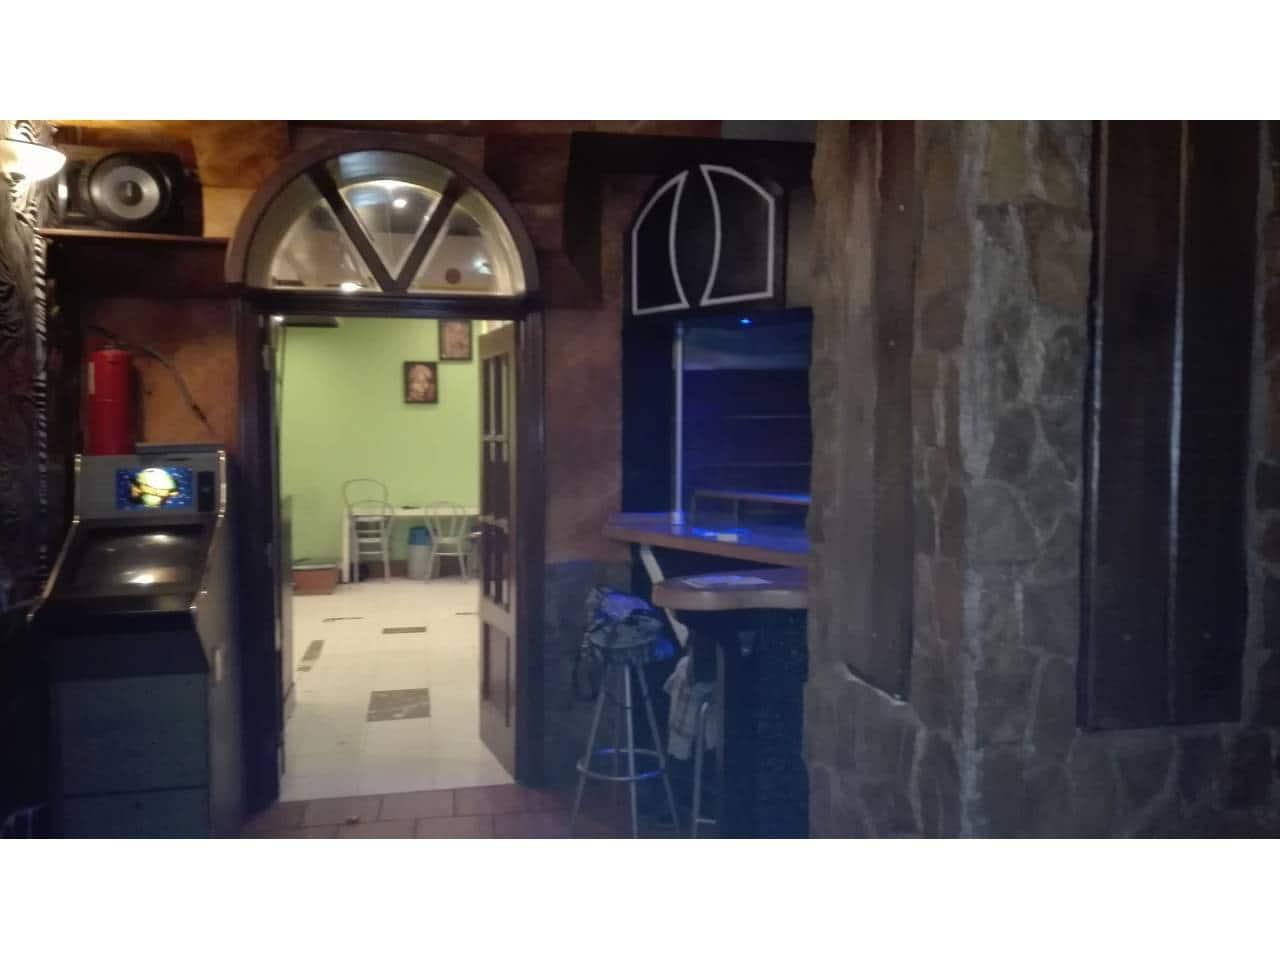 Local Commercial à vendre à Bilbao - 259 000 € (Ref: 3873478)